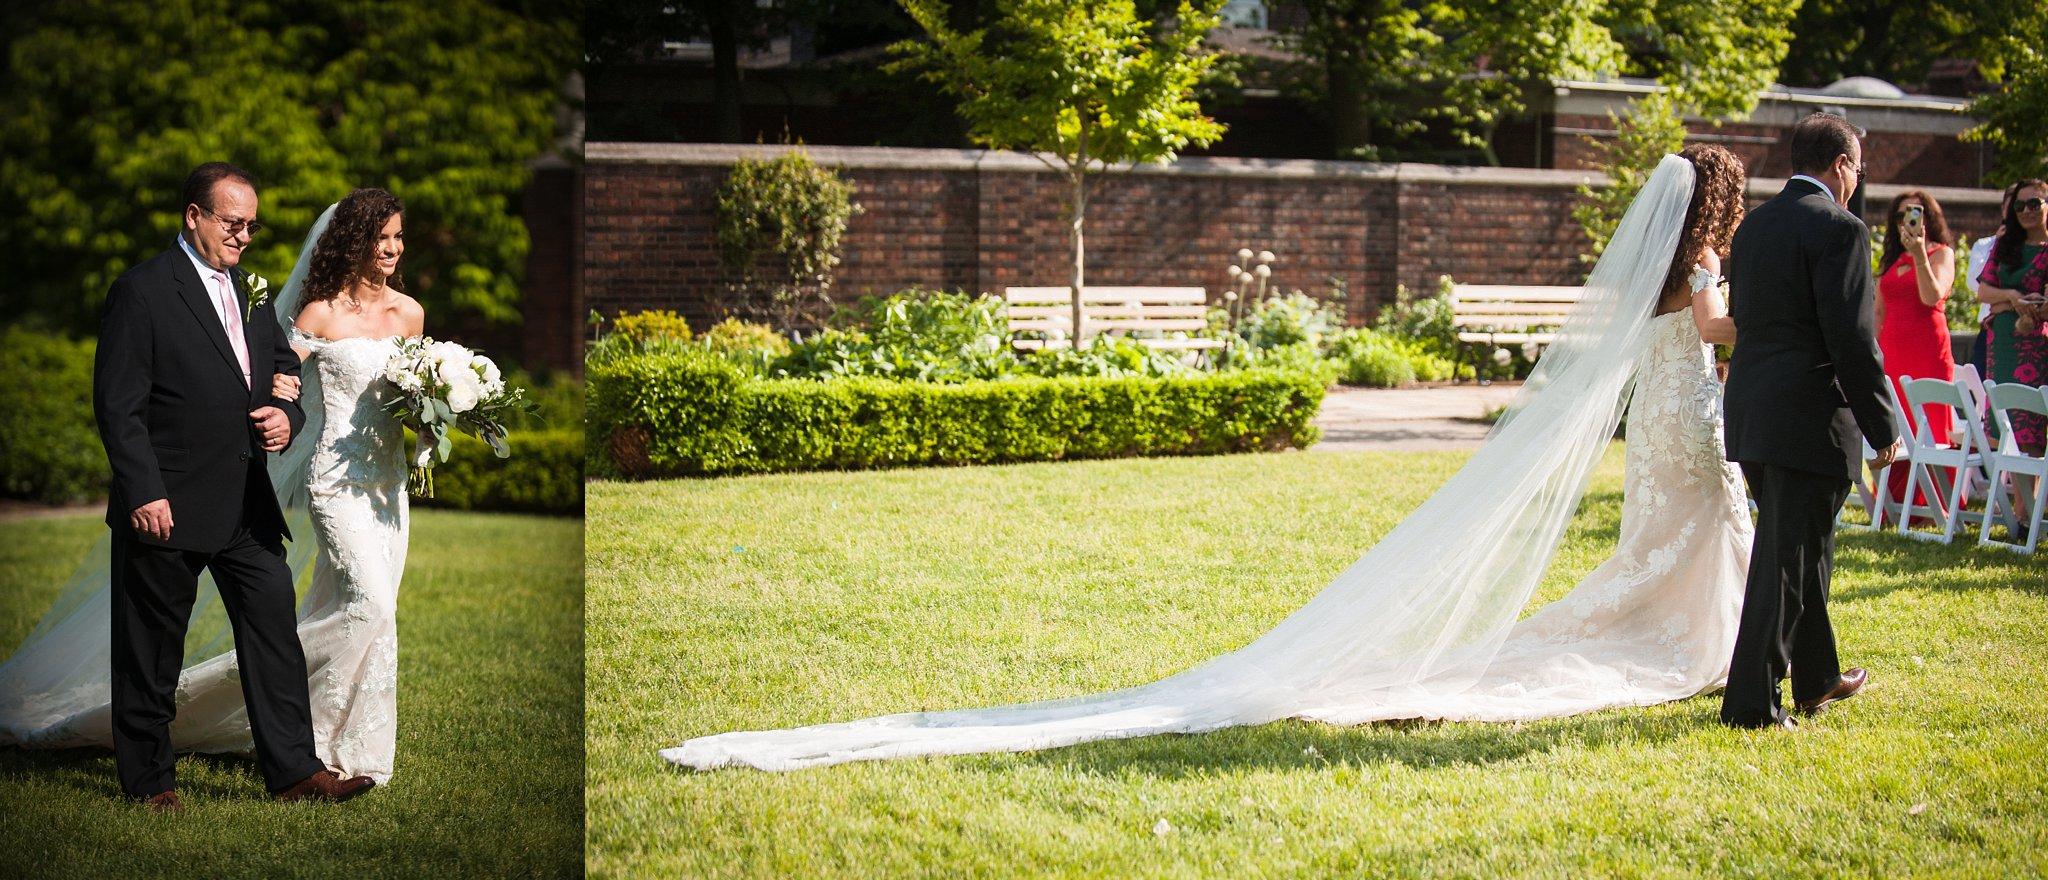 Mellon Park Walled Garden Spring Wedding-28-1.jpg